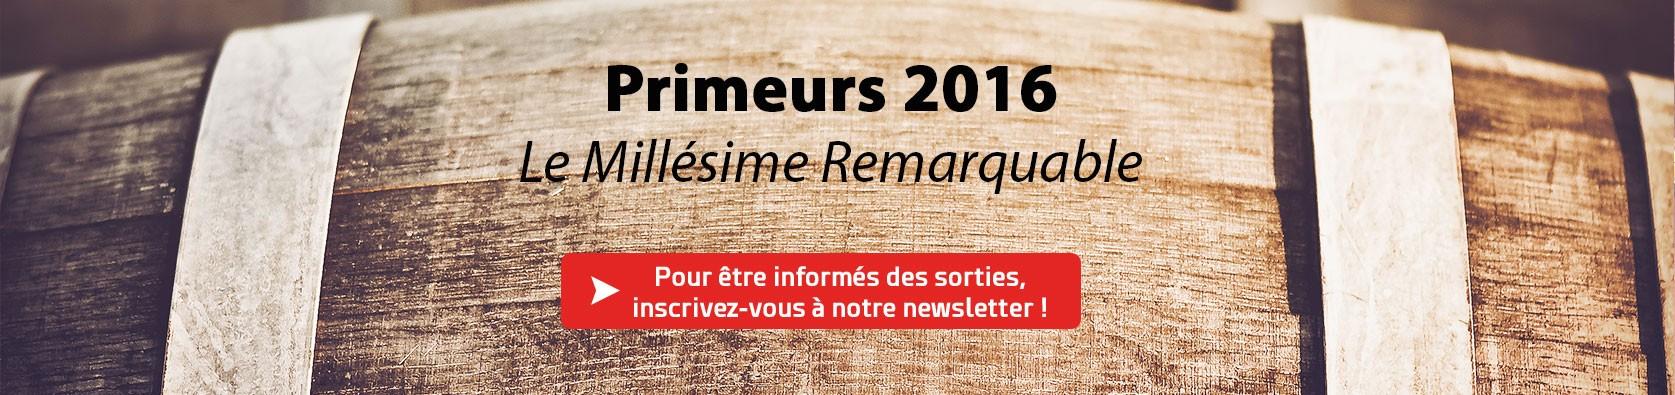 Campagne 2016 bientôt l'ouverture !